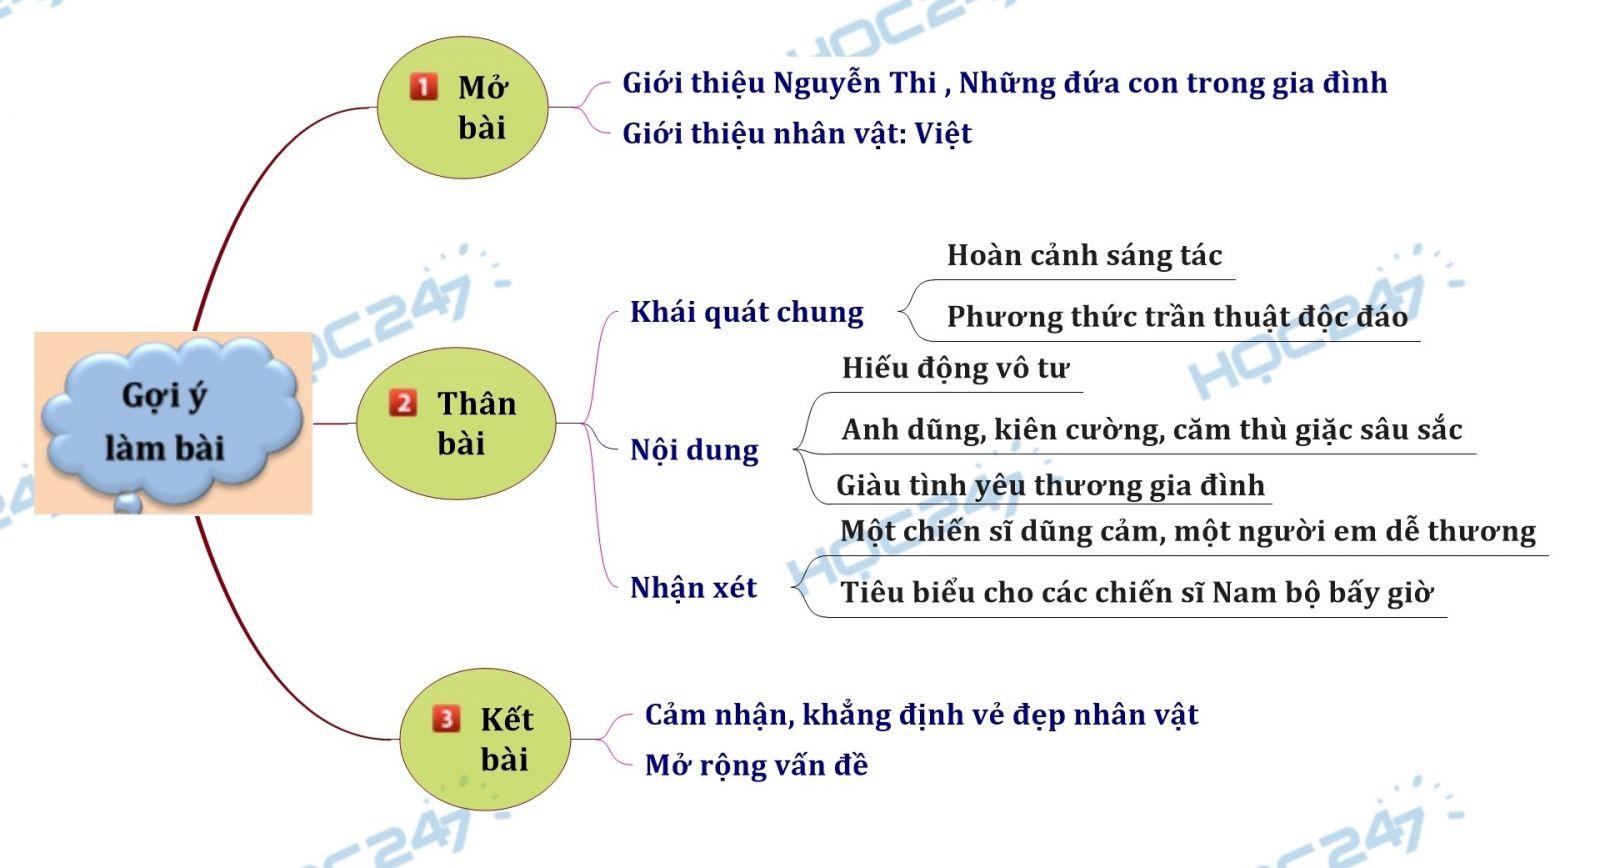 Sơ đồ tư duy - Phân tích nhân vật Việt trong tác phẩm Những đứa con trong gia đình